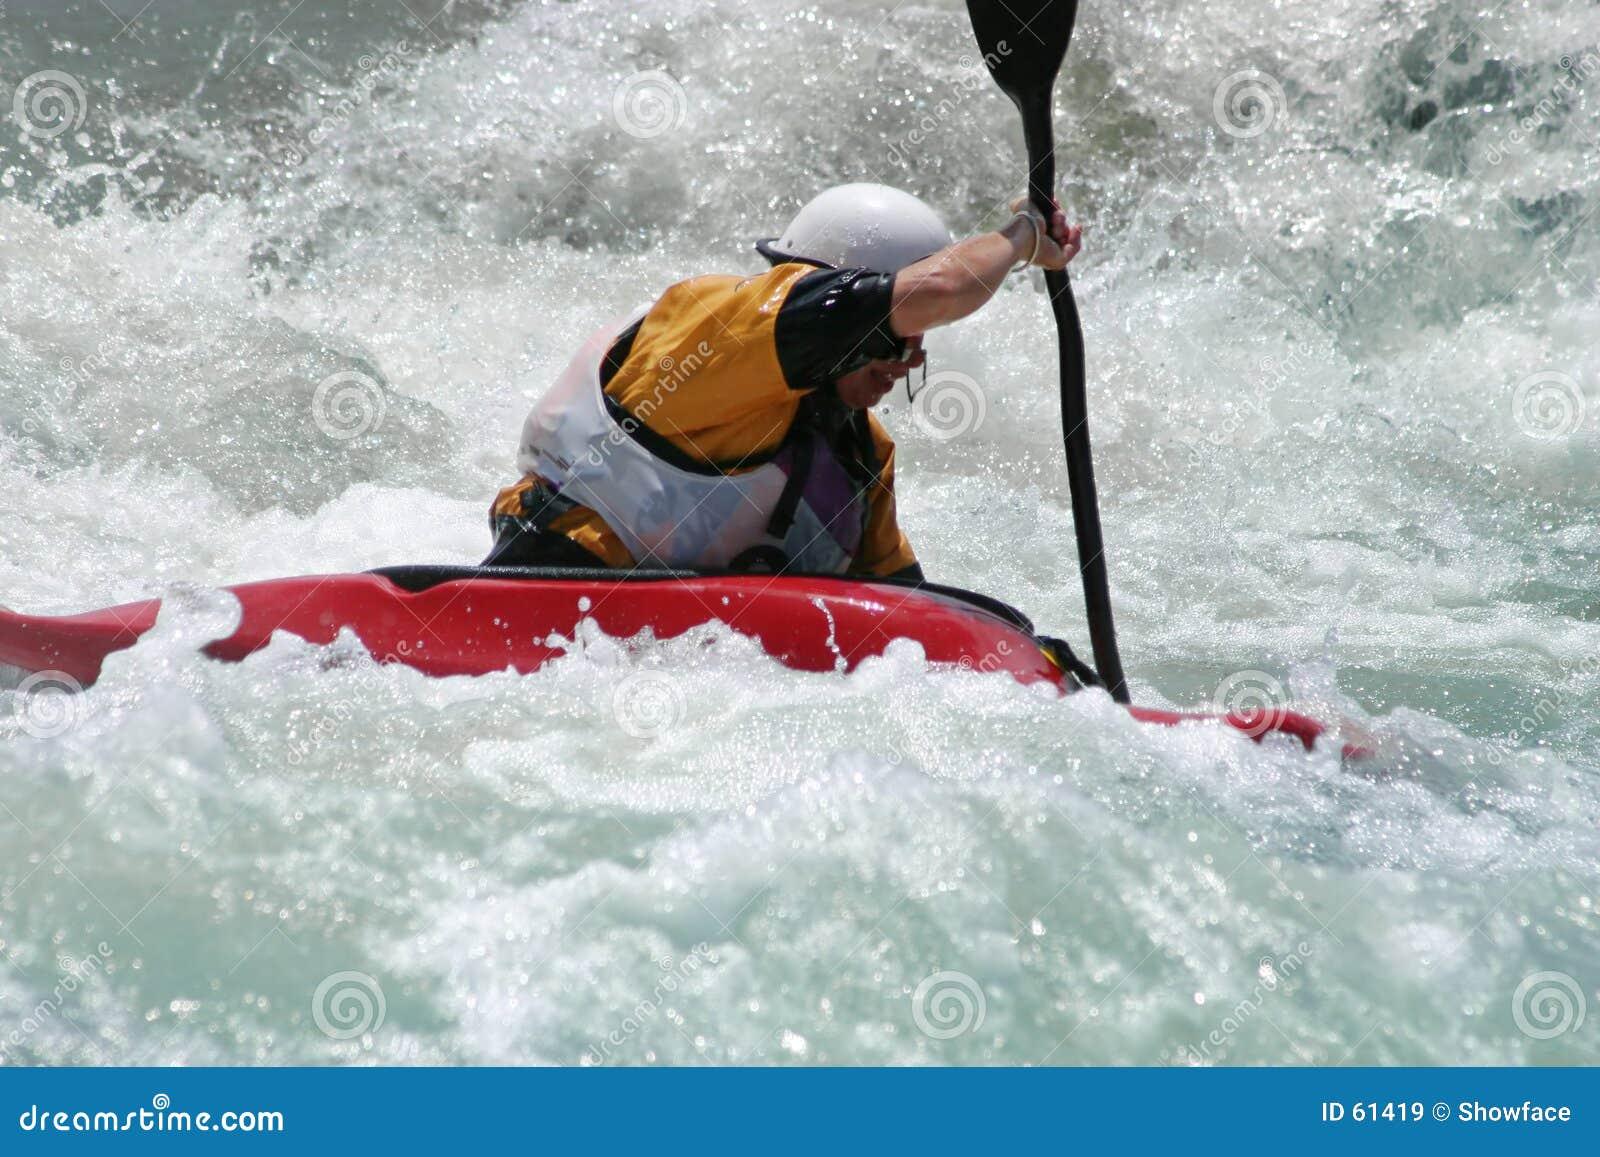 Kayaker whitewater